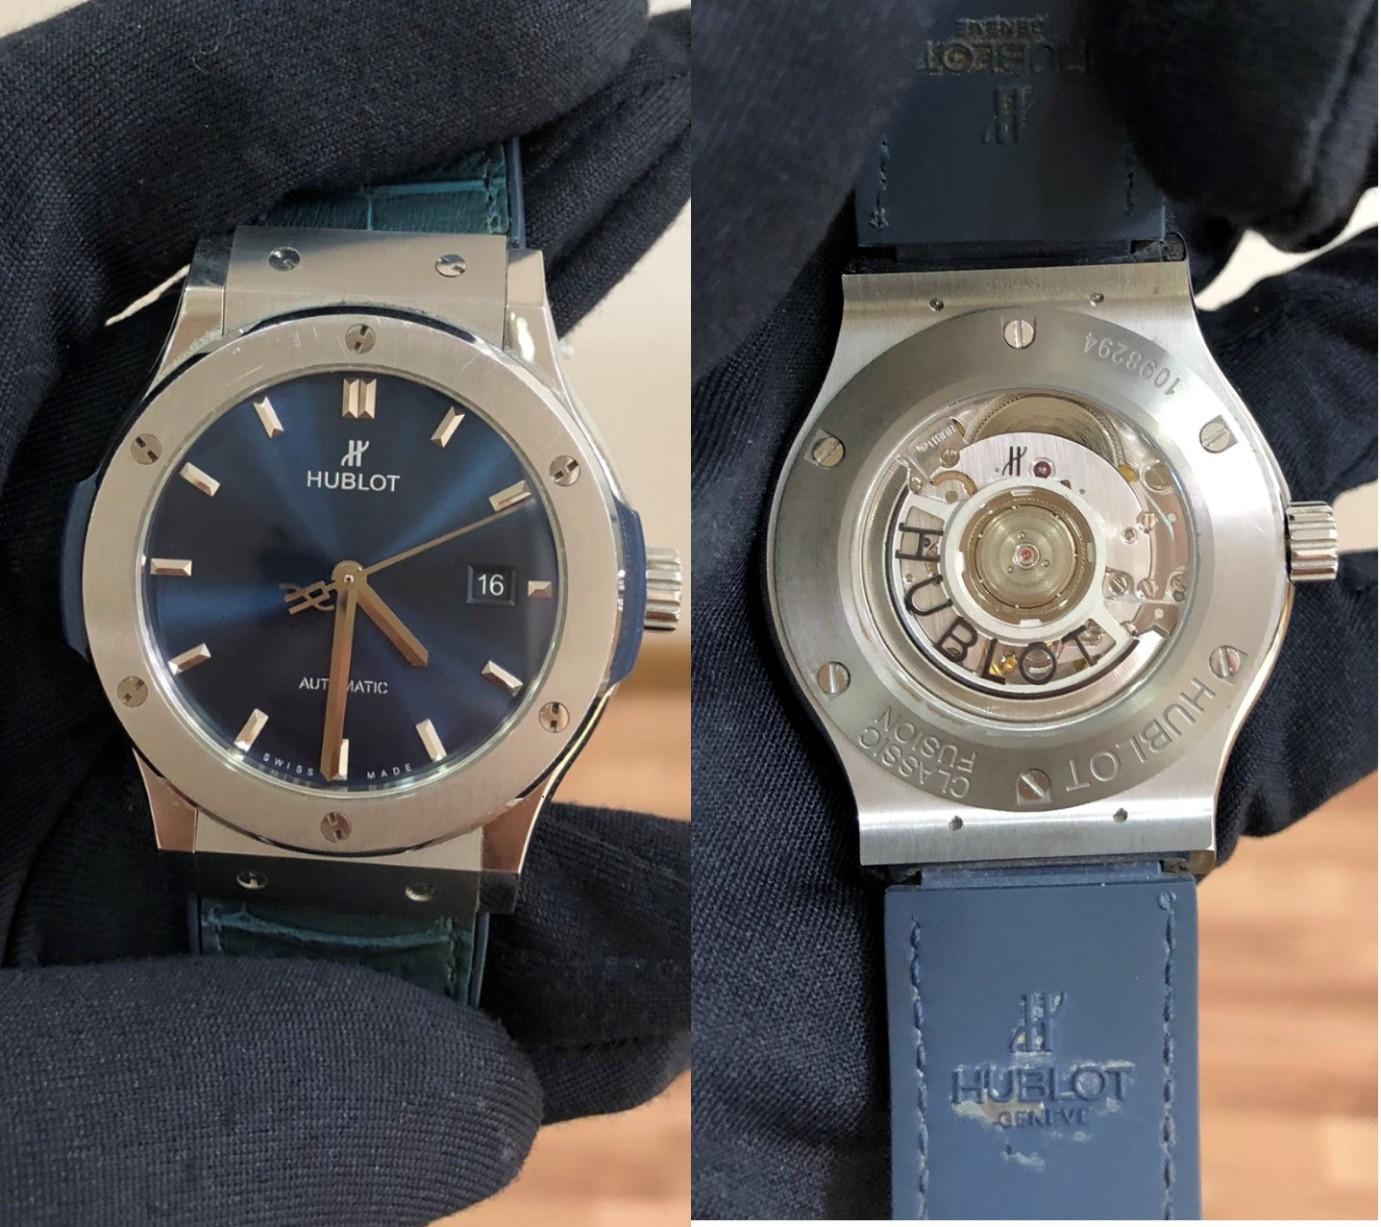 """Thẩm định đồng hồ ở Hà Nội: """"Lật mặt"""" đồng hồ giả siêu tinh vi, giống thật 99% - Ảnh 3."""